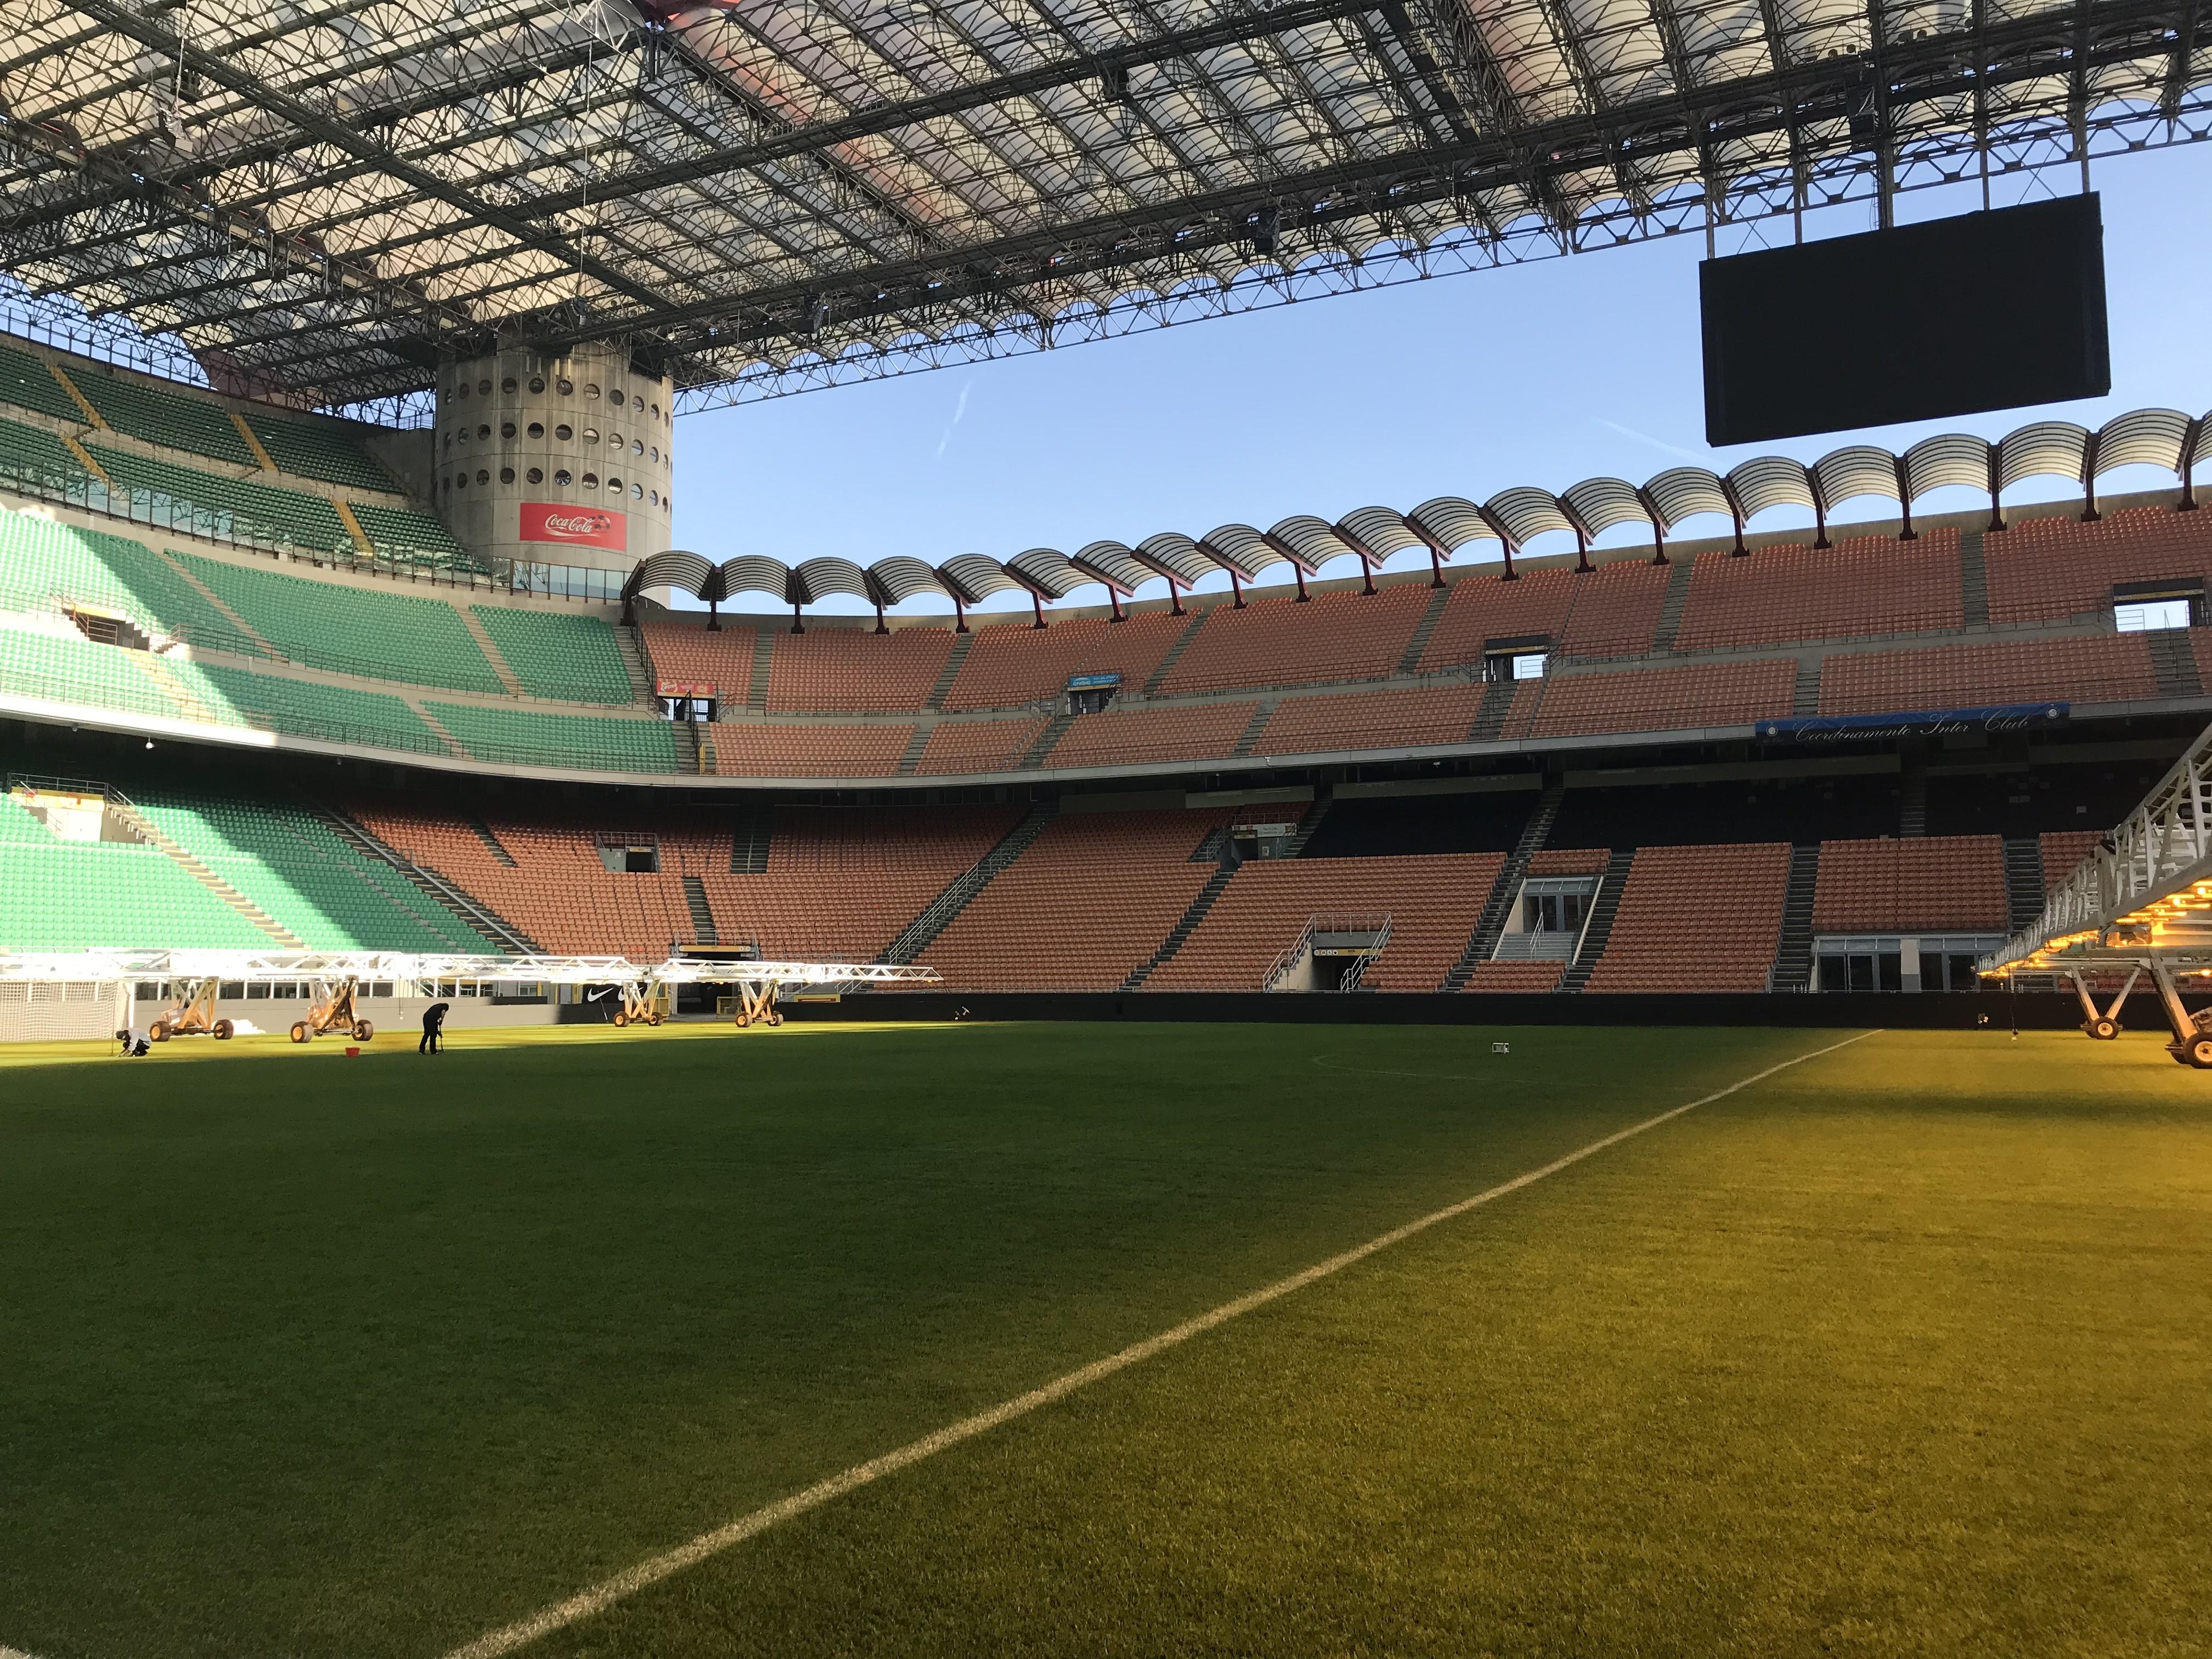 非米蘭球迷打卡足球圣地--圣西羅/梅阿查球場圖片